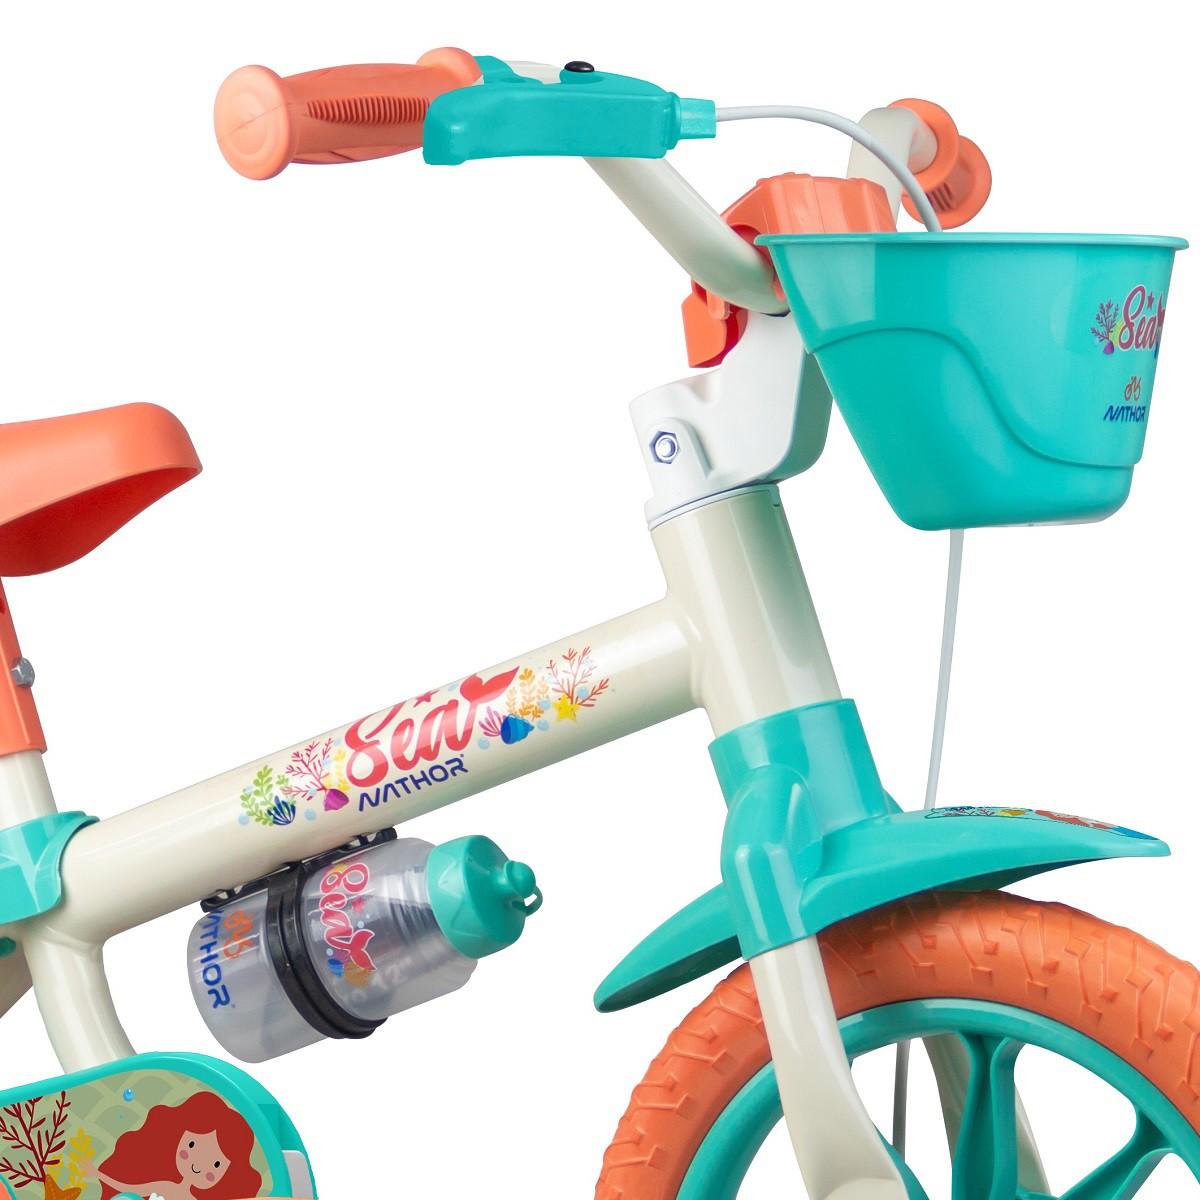 Bicicleta aro 12 Sea 2 Nathor